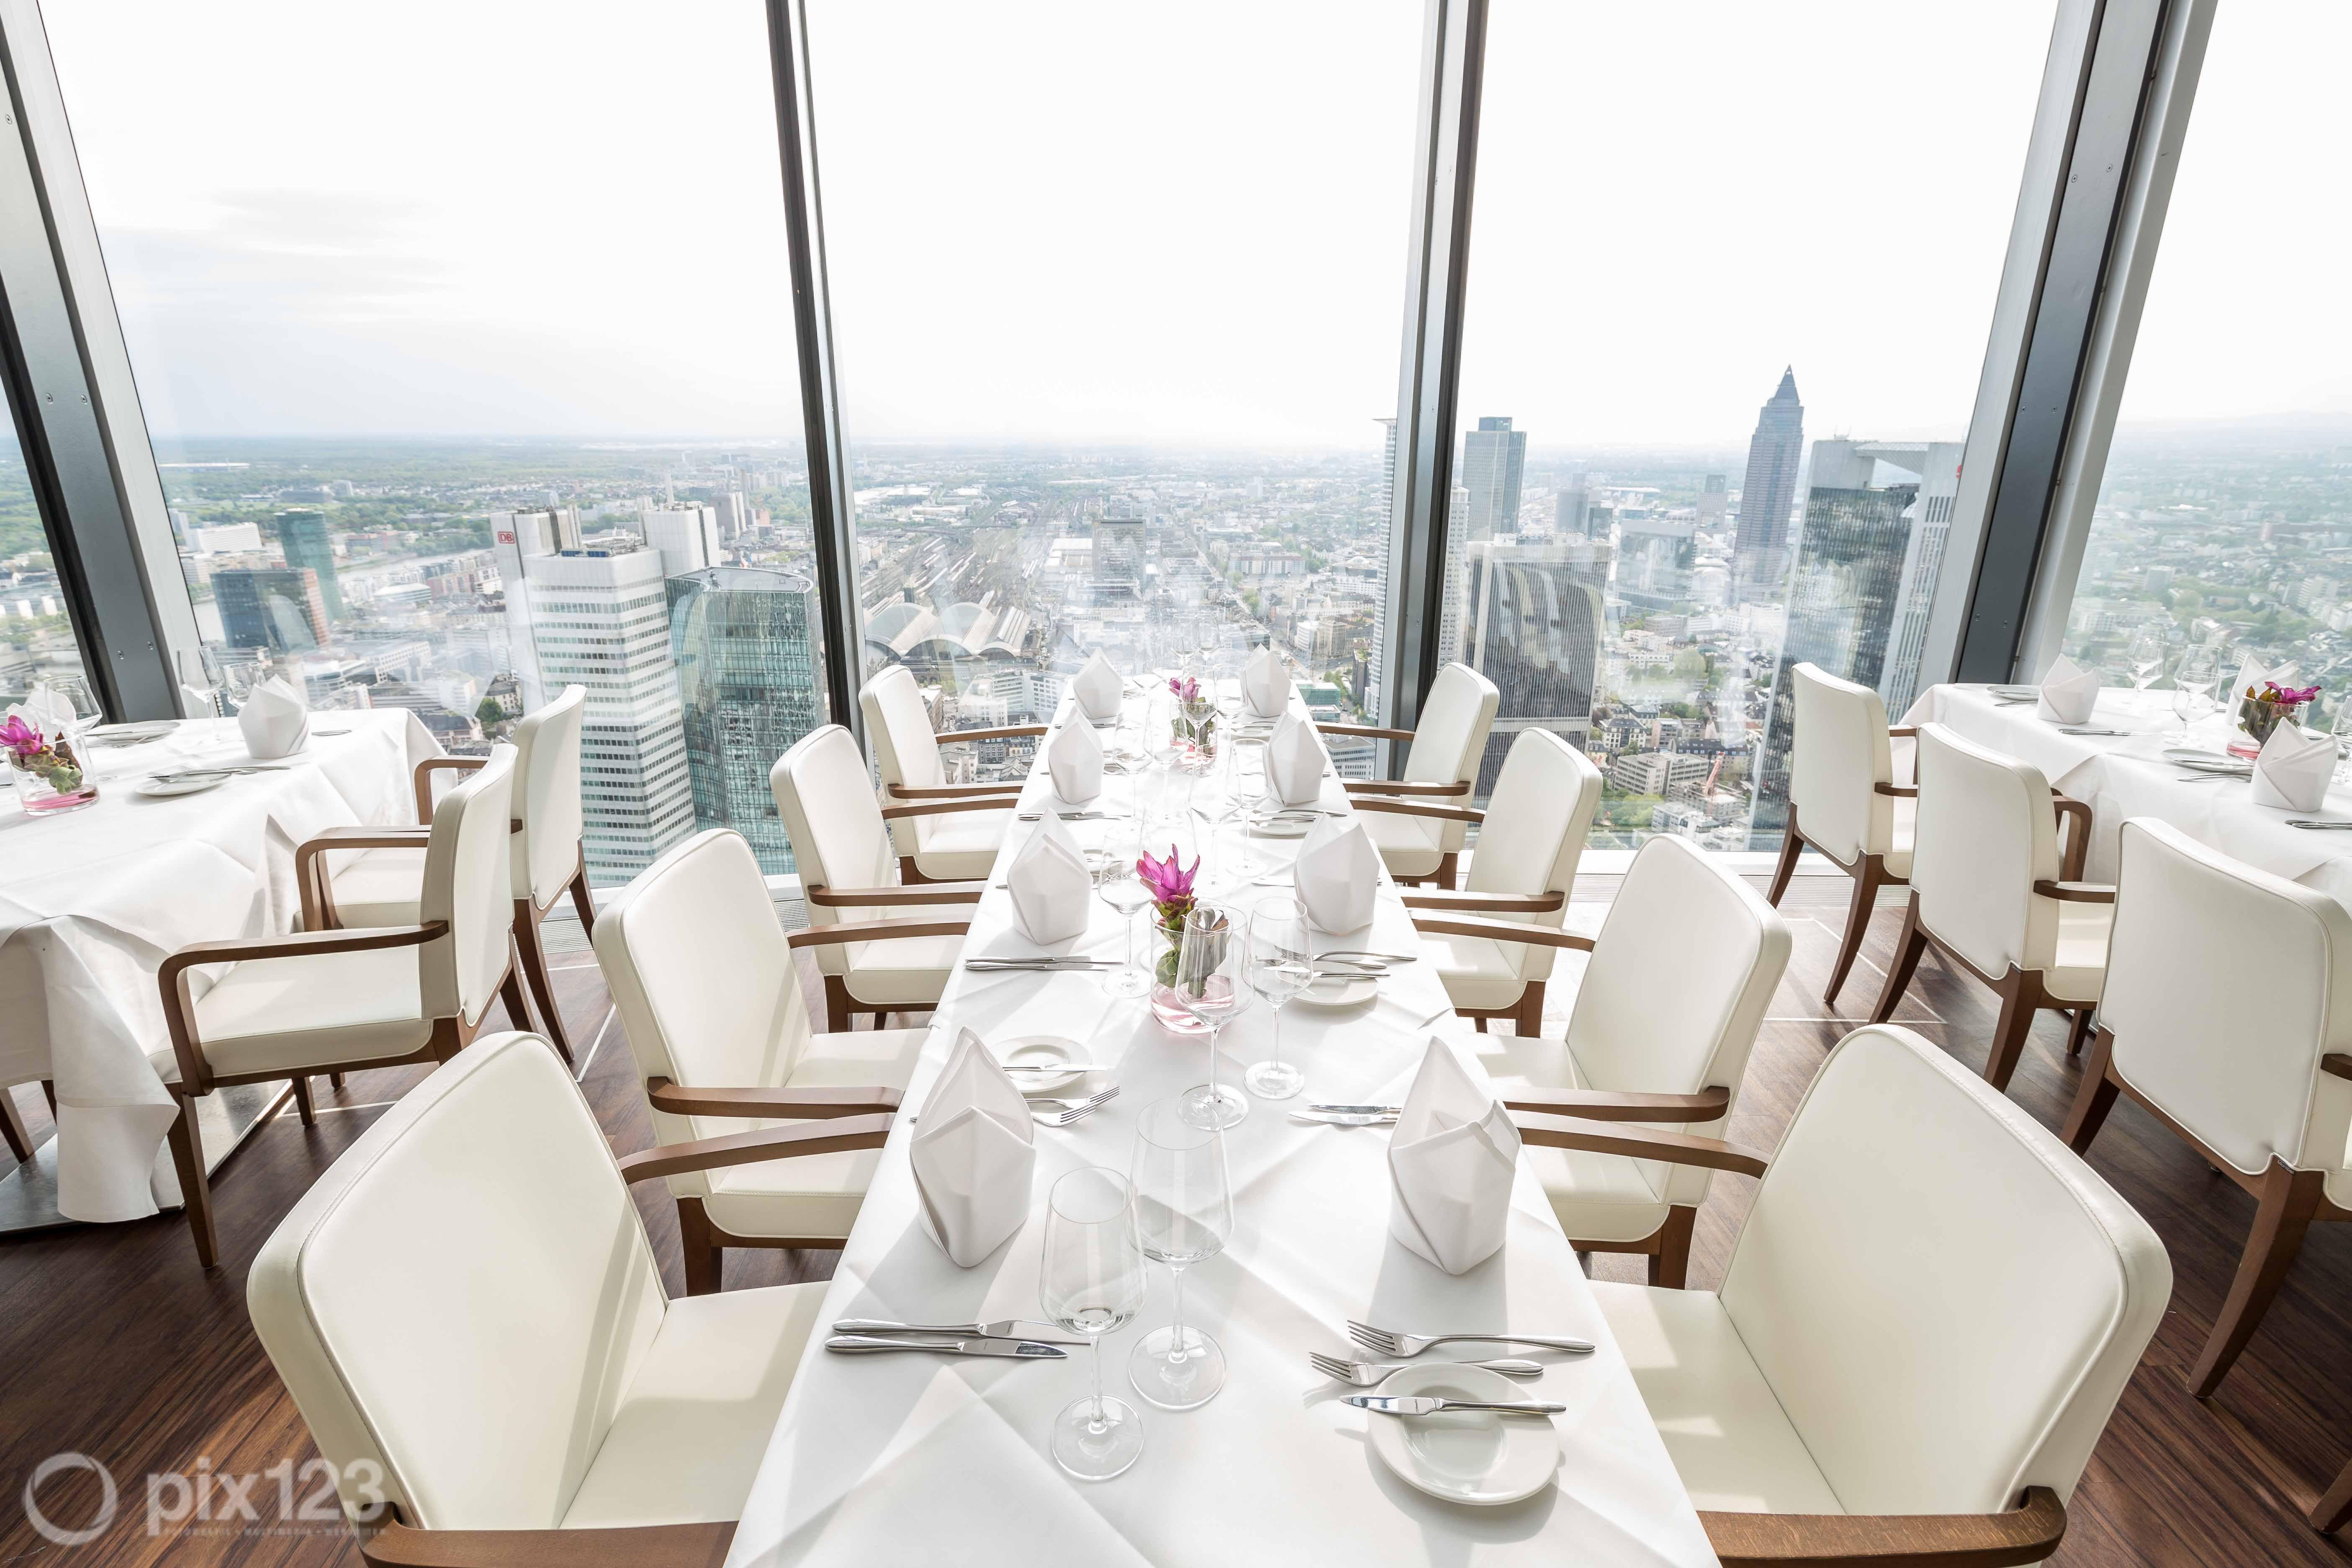 Main Tower Restaurant Speisekarte